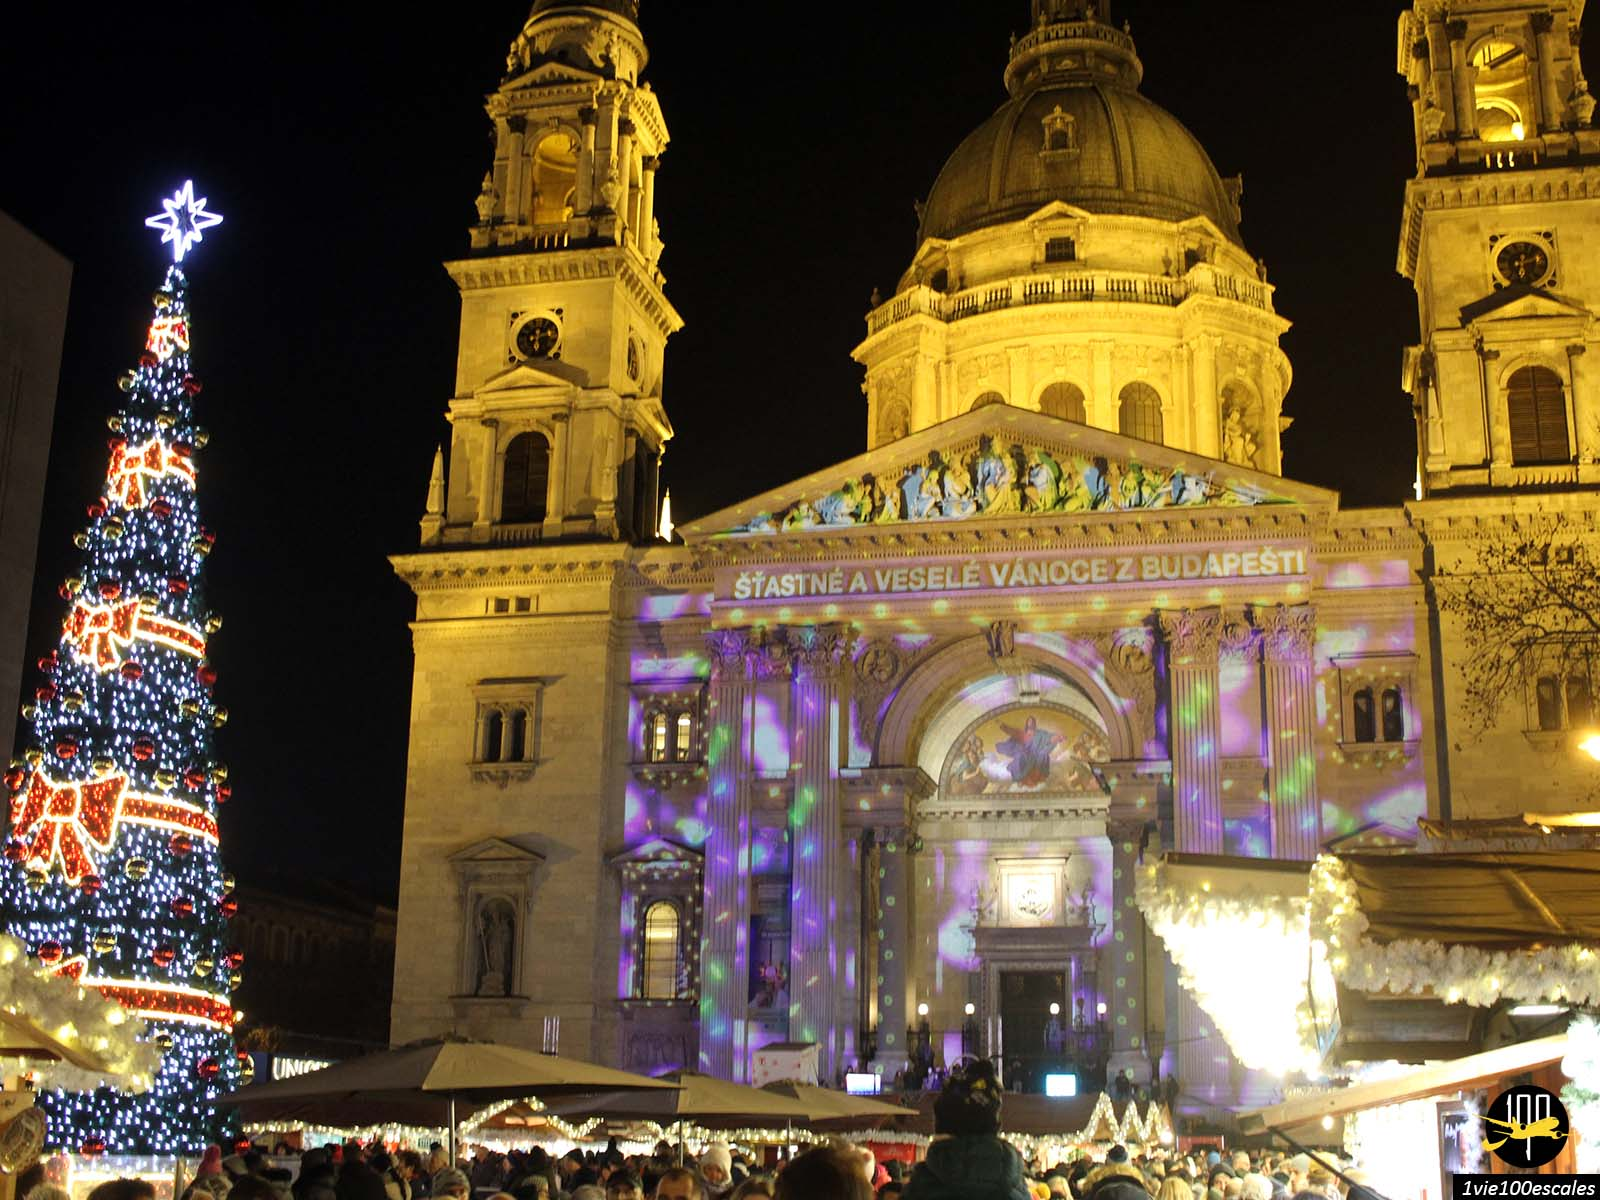 Illuminations de Noel sur la Basilique Saint-Étienne de Pest de Budapest